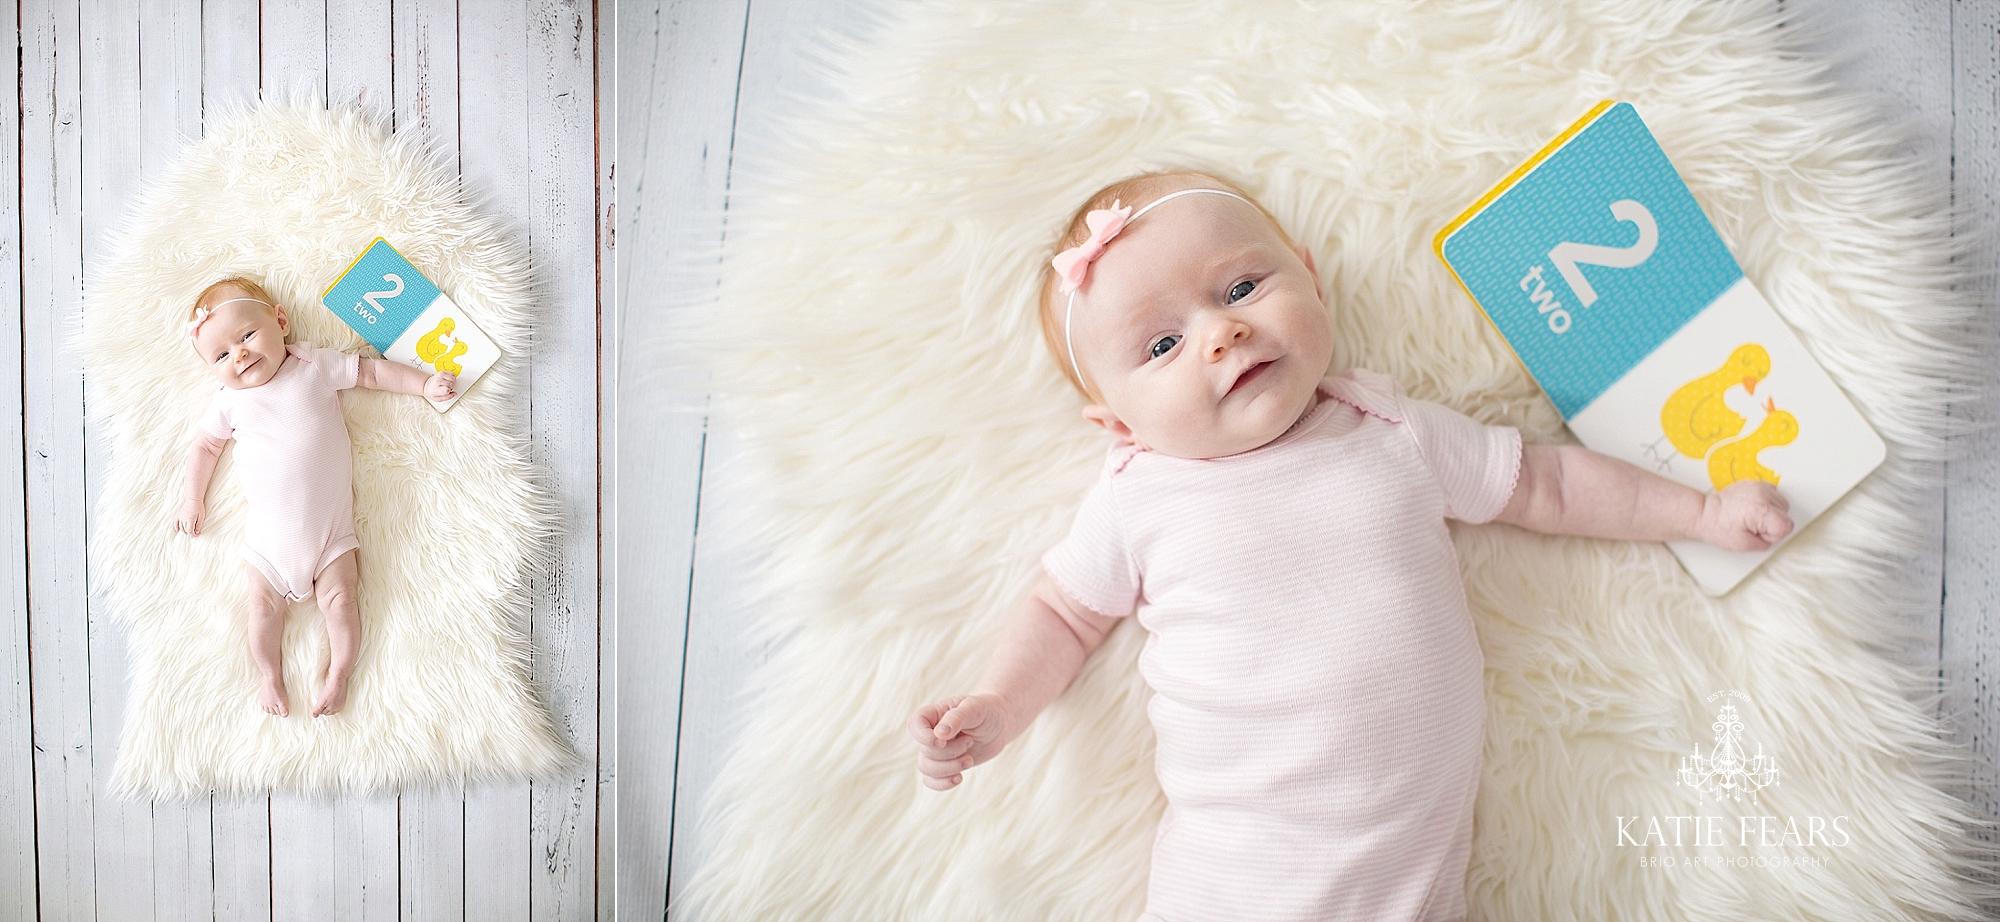 BrioArt-Katelyn 2 months-004_WEB.jpg